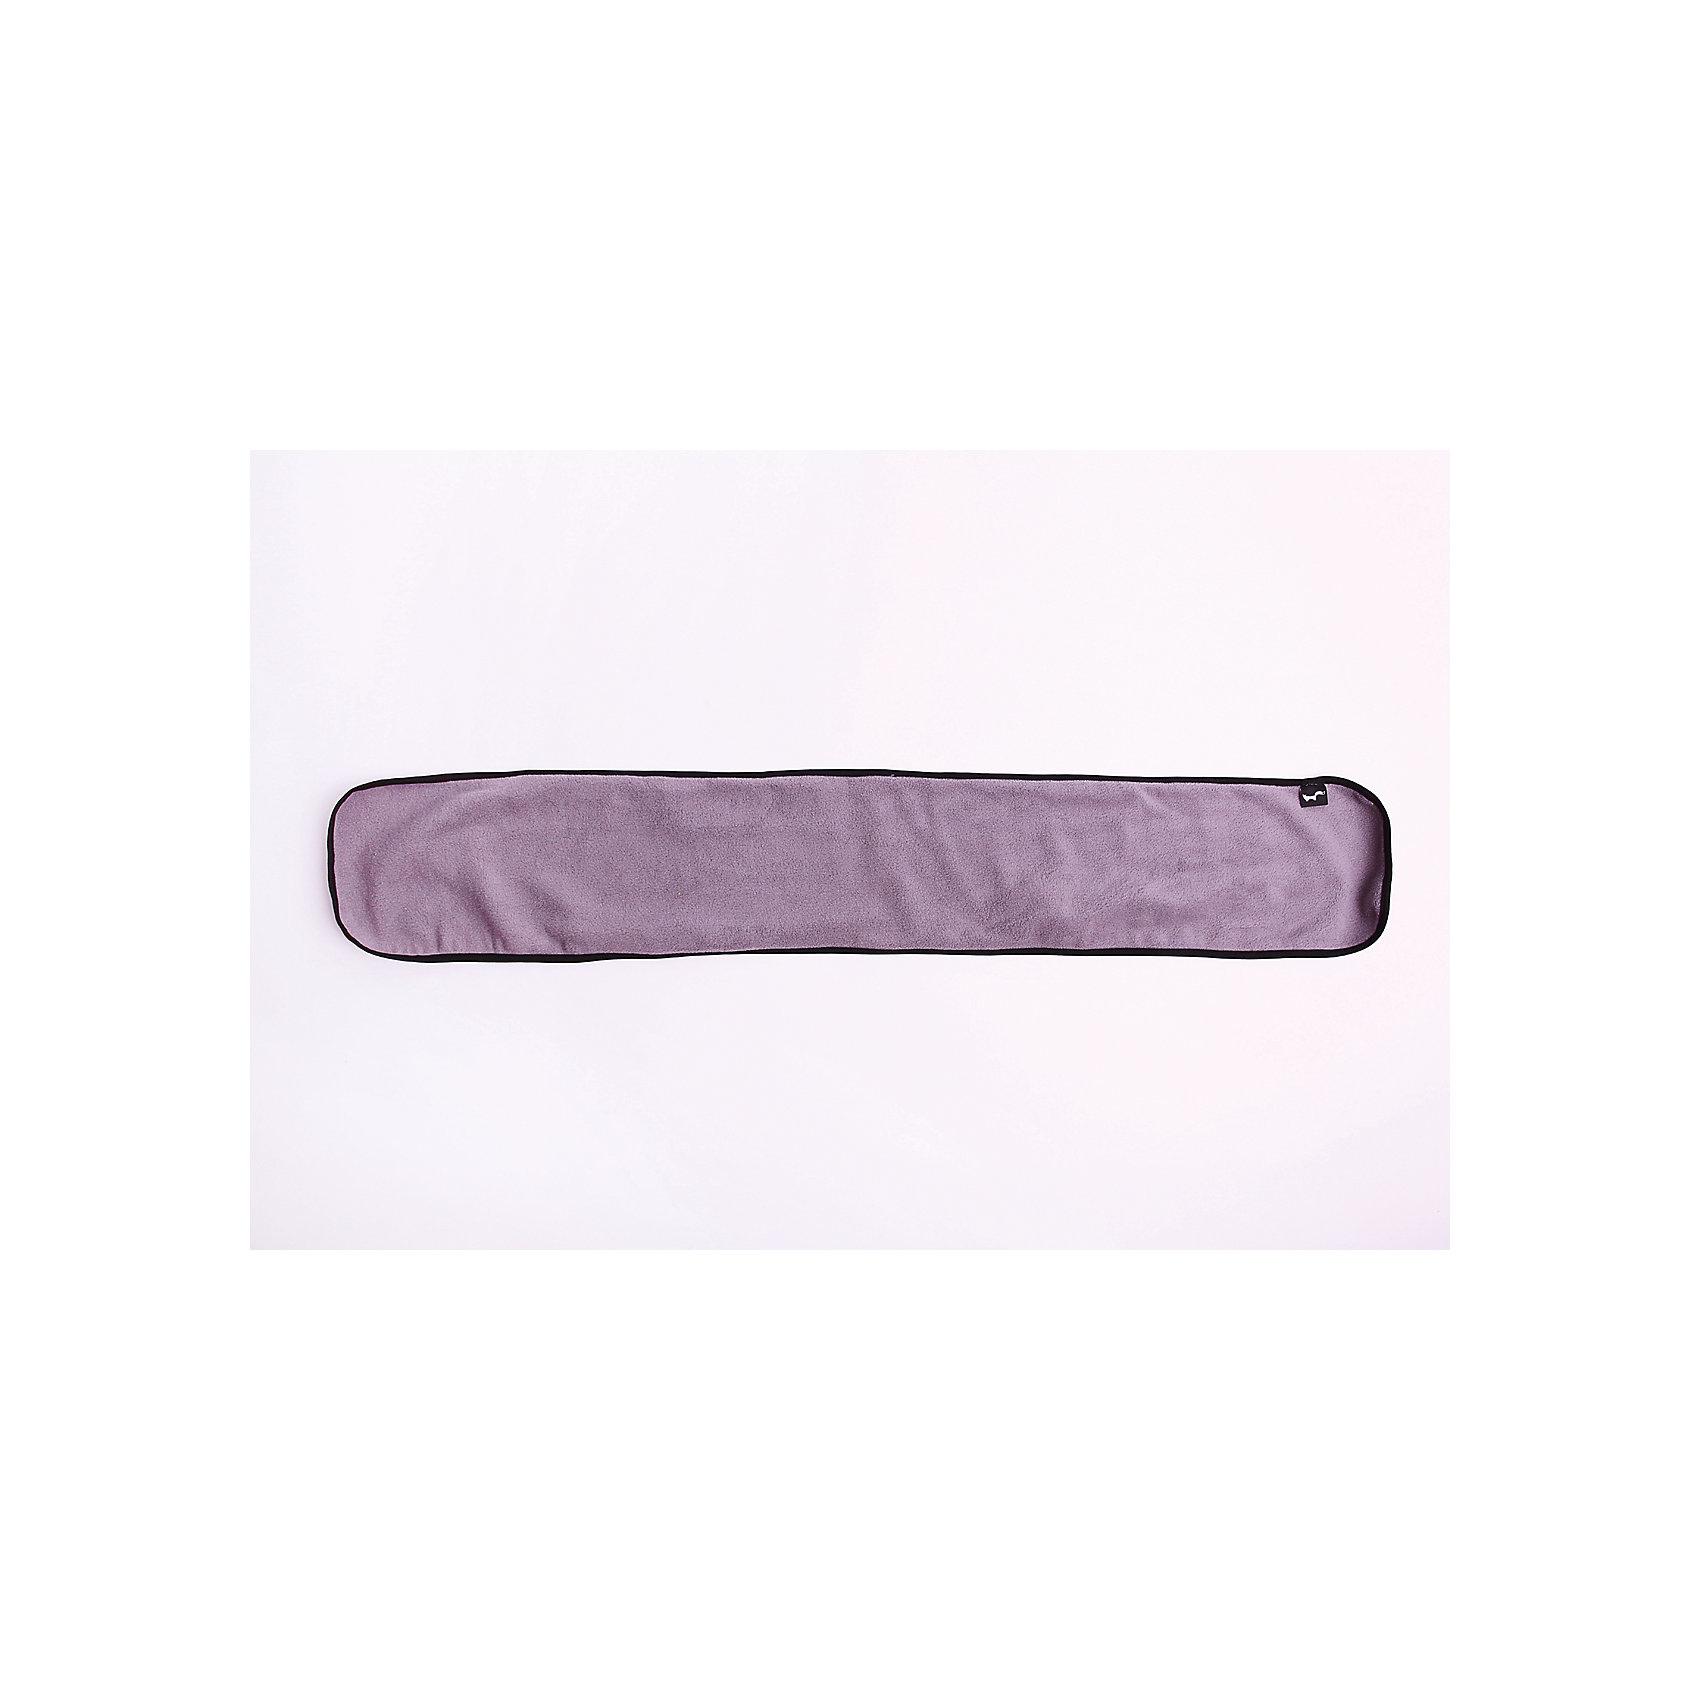 Шарф двусторонний  ЛисФлисФлис и термобелье<br>Характеристики двустороннего шарфа:<br><br>-комплектация: шарф<br>- пол: для мальчиков<br>- рисунок: без рисунка, логотип ЛисФлис<br>- цвет: серый<br>- размеры изделия:16*16 <br>- фактура материала: флис<br>- сезон: круглогодичный<br>- страна бренда: Россия<br>- страна производитель: Россия<br><br>Шарф двусторонний российской торговой компании ЛисФлис прекрасно дополнит любой комплект или комбинезон. Шарф двусторонний- теплое, яркое и необычное решение! Можно надевать любой стороной! Состав: 100% полиэстер<br><br>Шарф двусторонний торговой марки ЛисФлис  можно купить в нашем интернет-магазине.<br><br>Ширина мм: 89<br>Глубина мм: 117<br>Высота мм: 44<br>Вес г: 155<br>Цвет: серый<br>Возраст от месяцев: 12<br>Возраст до месяцев: 108<br>Пол: Унисекс<br>Возраст: Детский<br>Размер: one size<br>SKU: 5007632